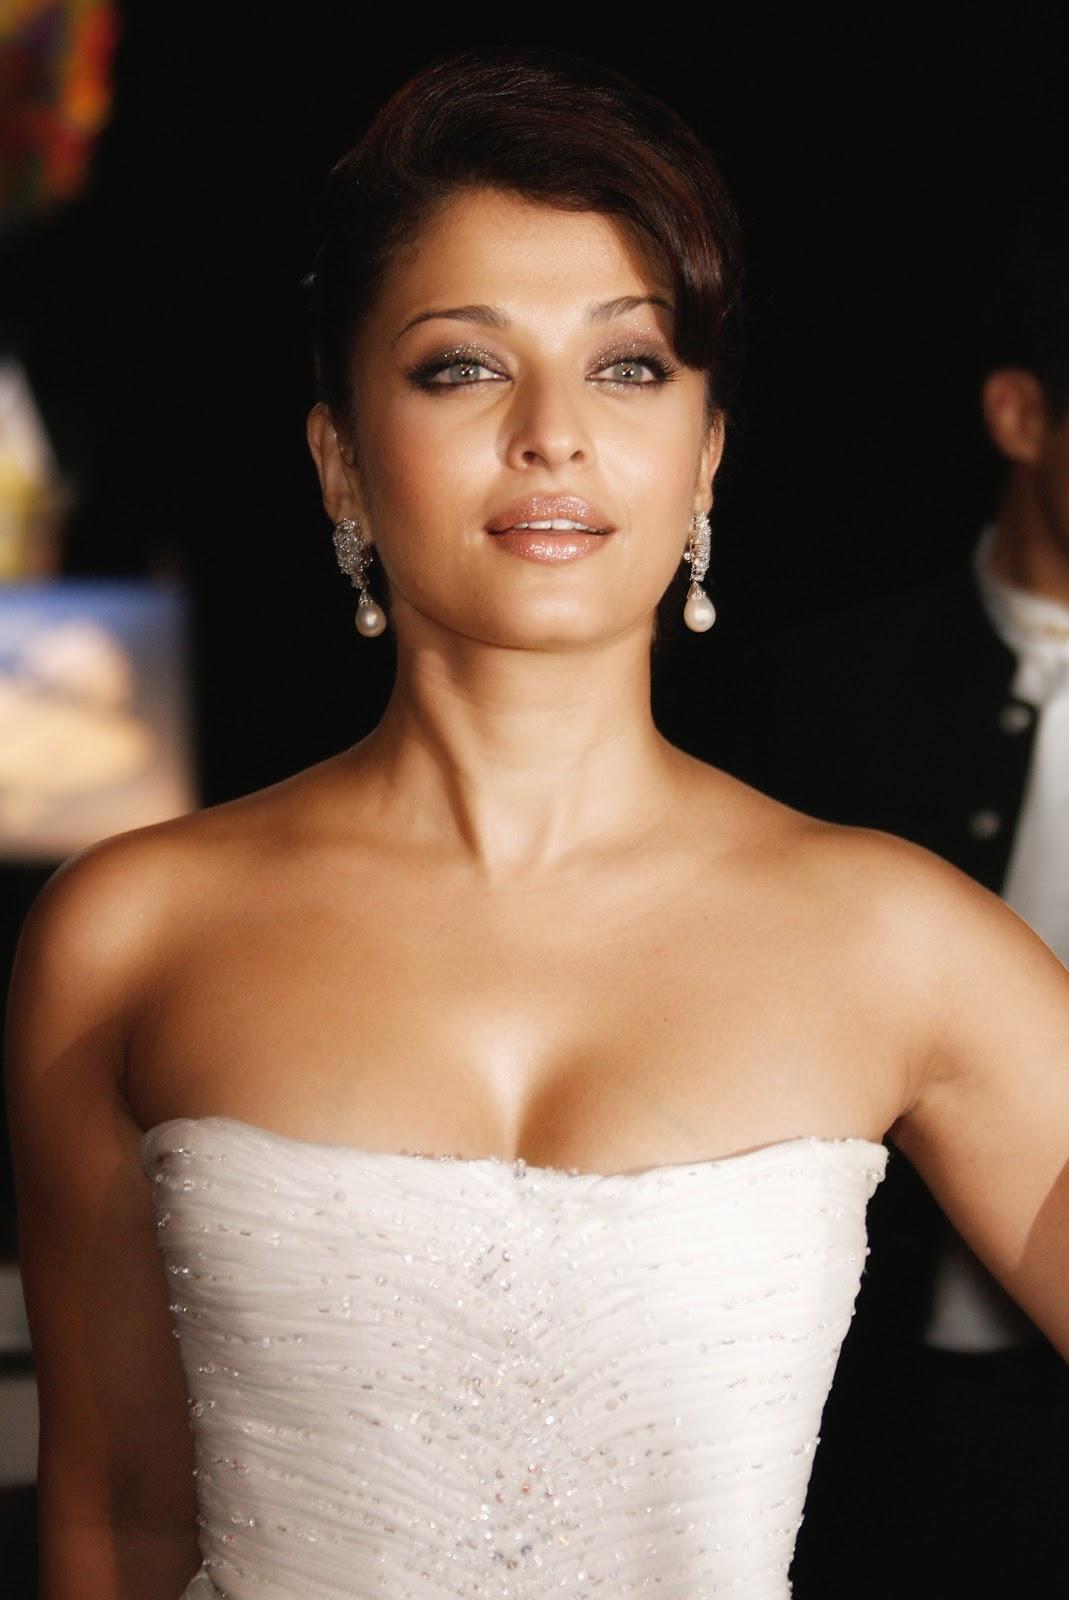 http://3.bp.blogspot.com/-MwH9HFRoYqw/Tk7DZ1qveSI/AAAAAAAAAio/dPf_TjQJp9M/s1600/Aishwarya-Rai-Up-Premiere-Cannes-2009-9.jpg